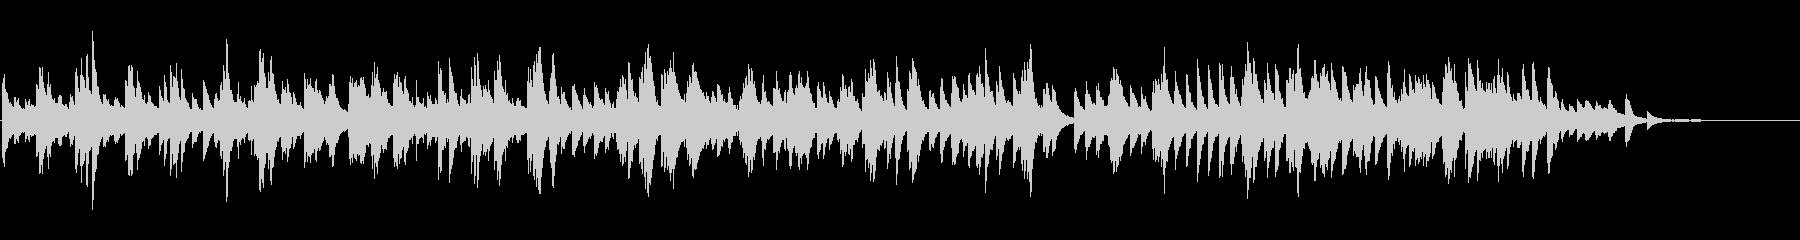 しっとり切ない アンビエントなピアノソロの未再生の波形